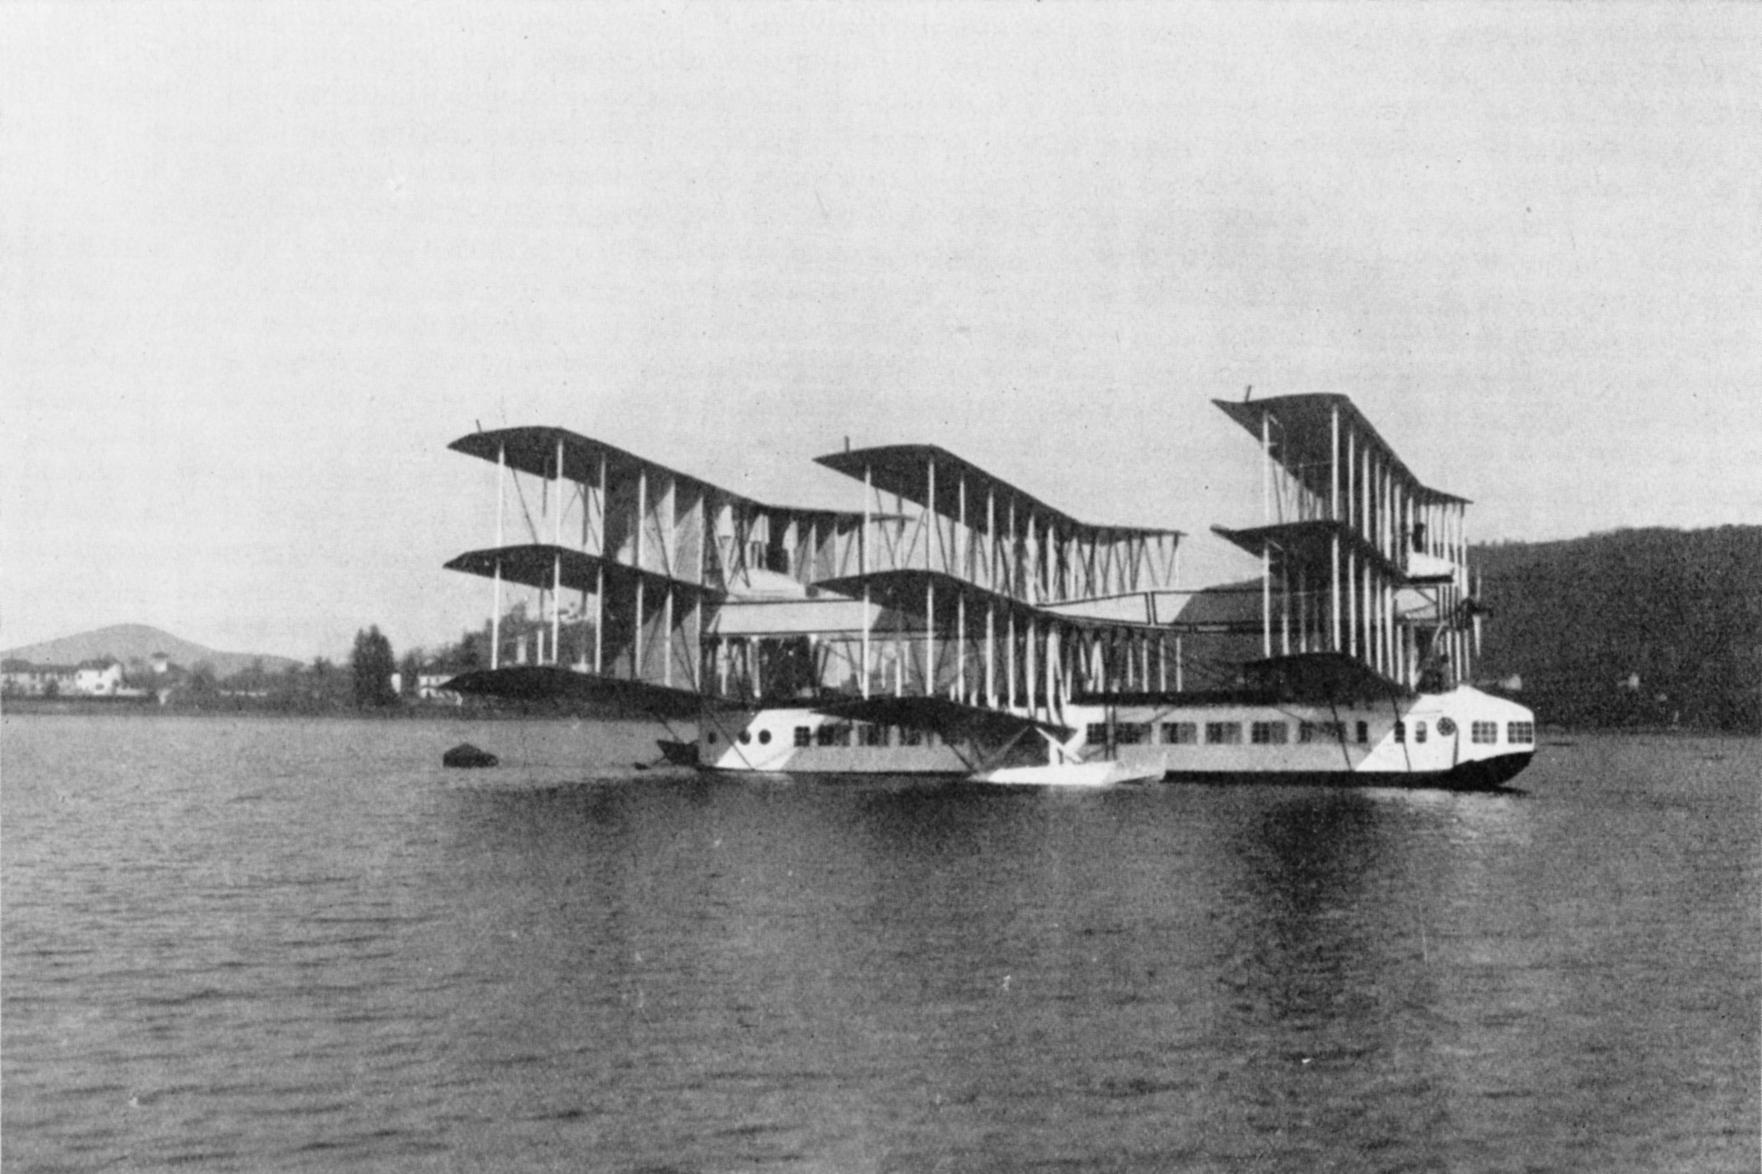 Caproni Ca 36. Il Transaereo sul lago Maggiore. Questa fotografia, scattata nel 1921, mette in evidenza la struttura delle tre cellule alari vincolate alla parte superiore .